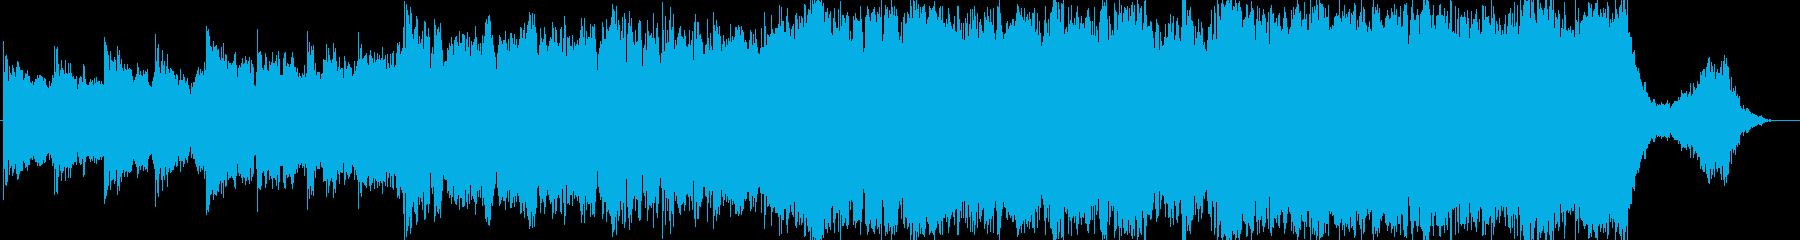 壮大な雰囲気のエピック音楽の再生済みの波形